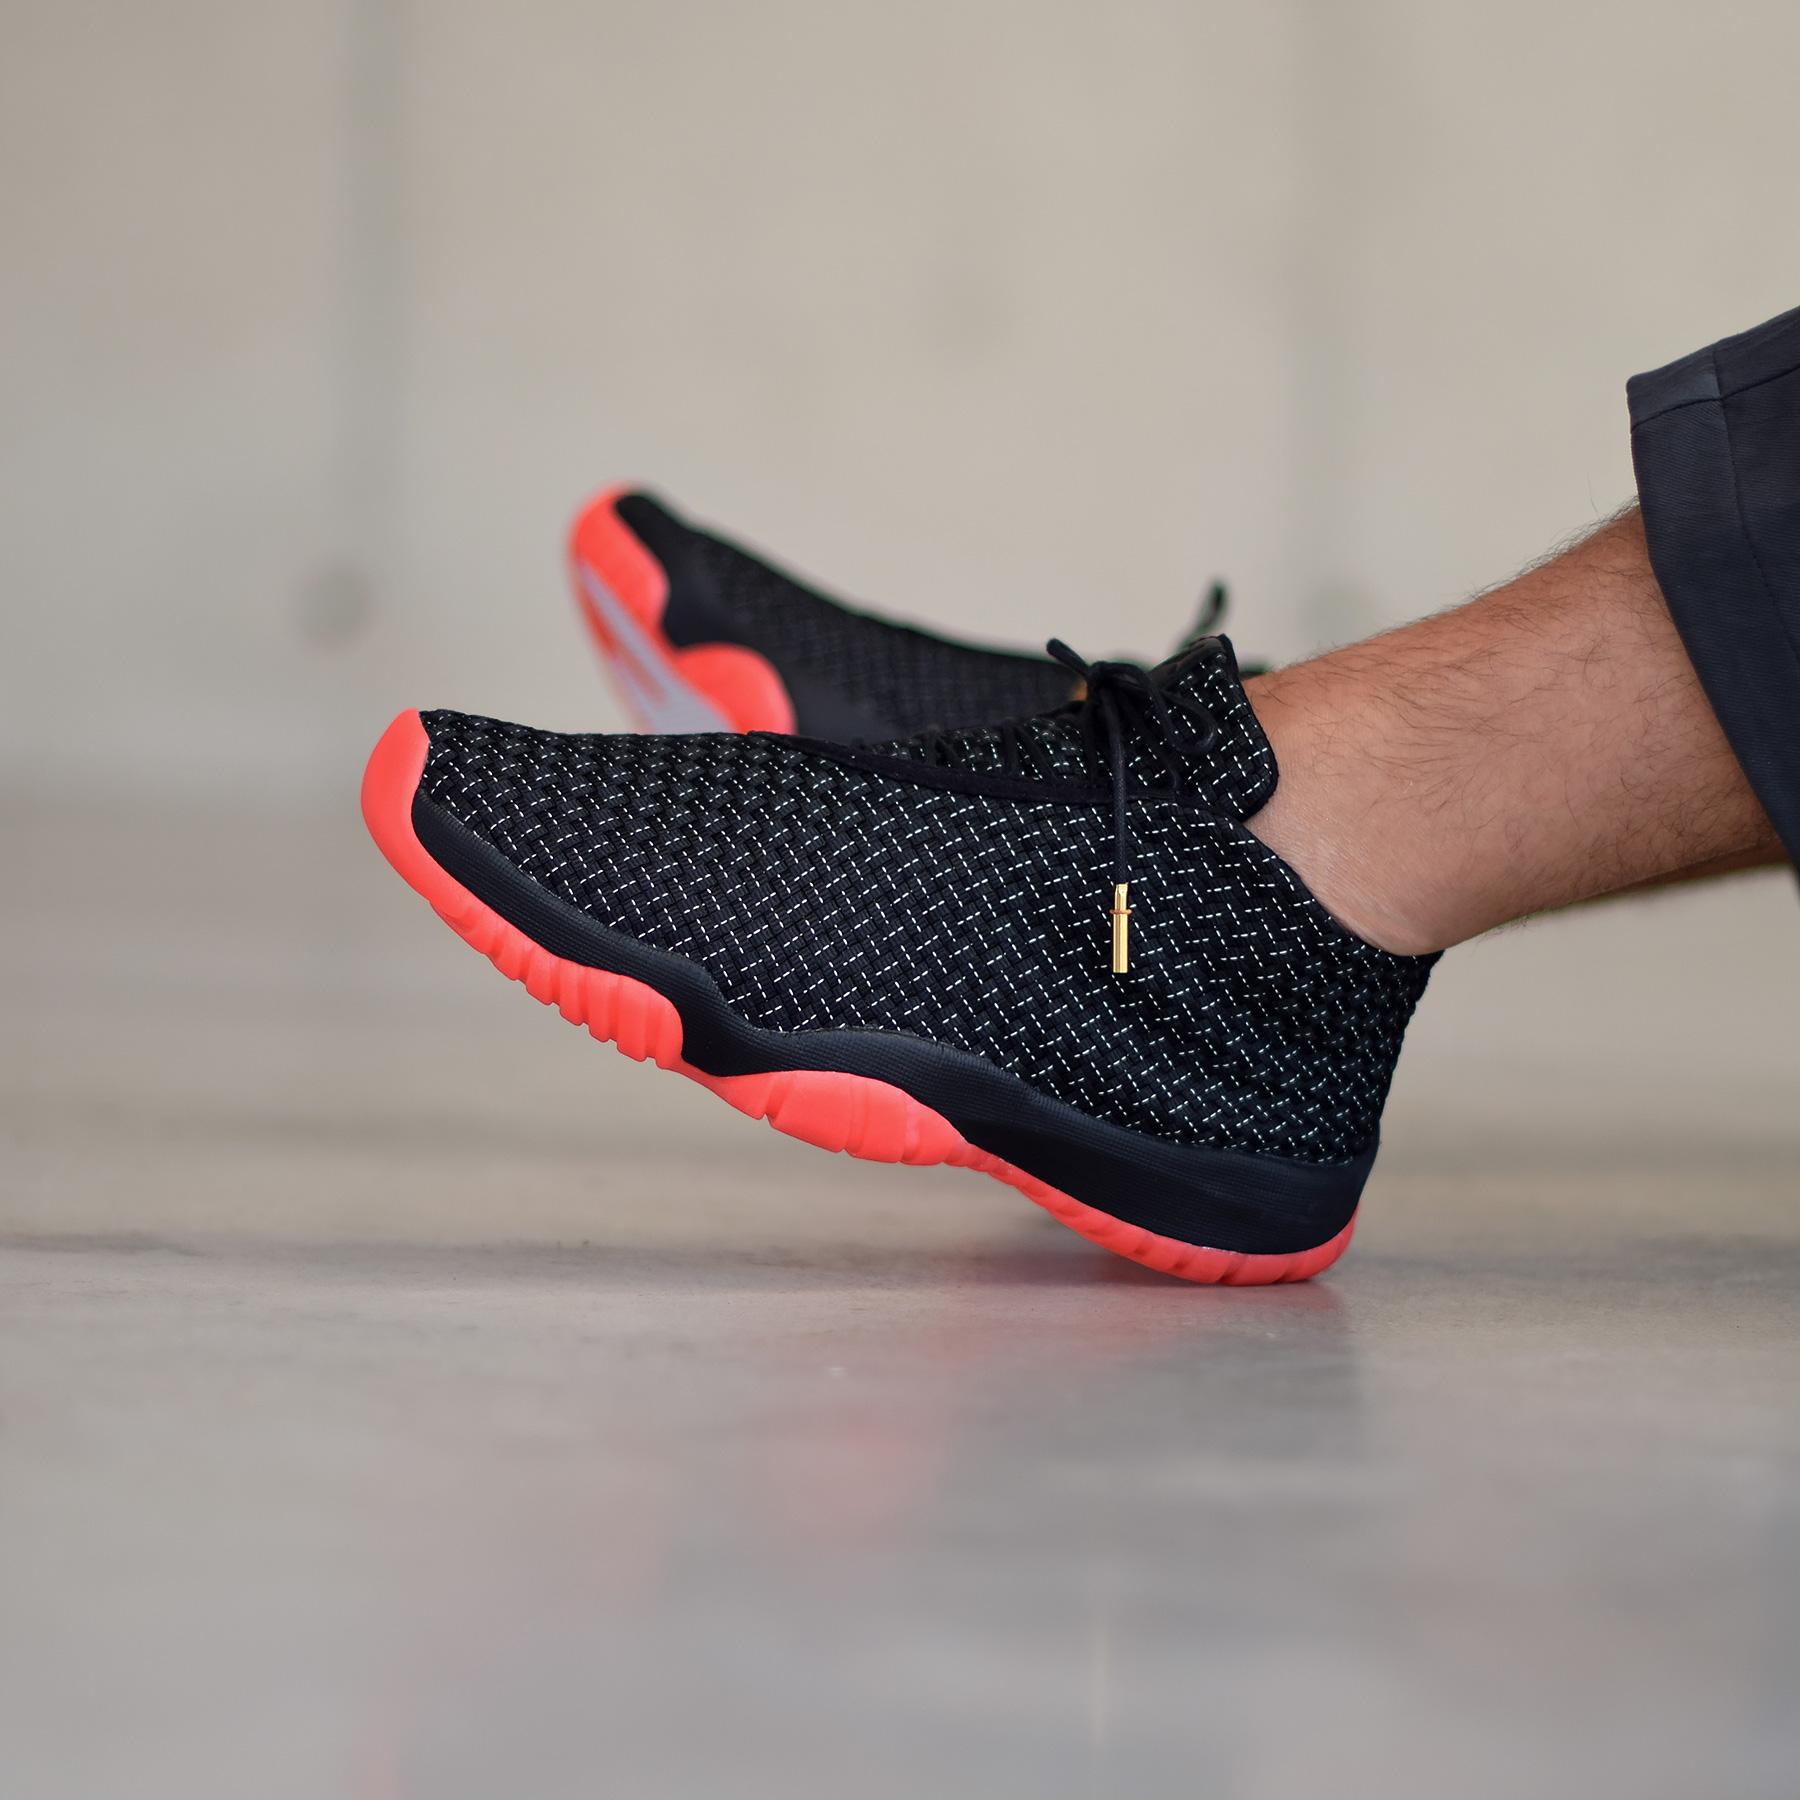 Air Jordan Future Premium Black Infrared 23  12ab7a34a28e